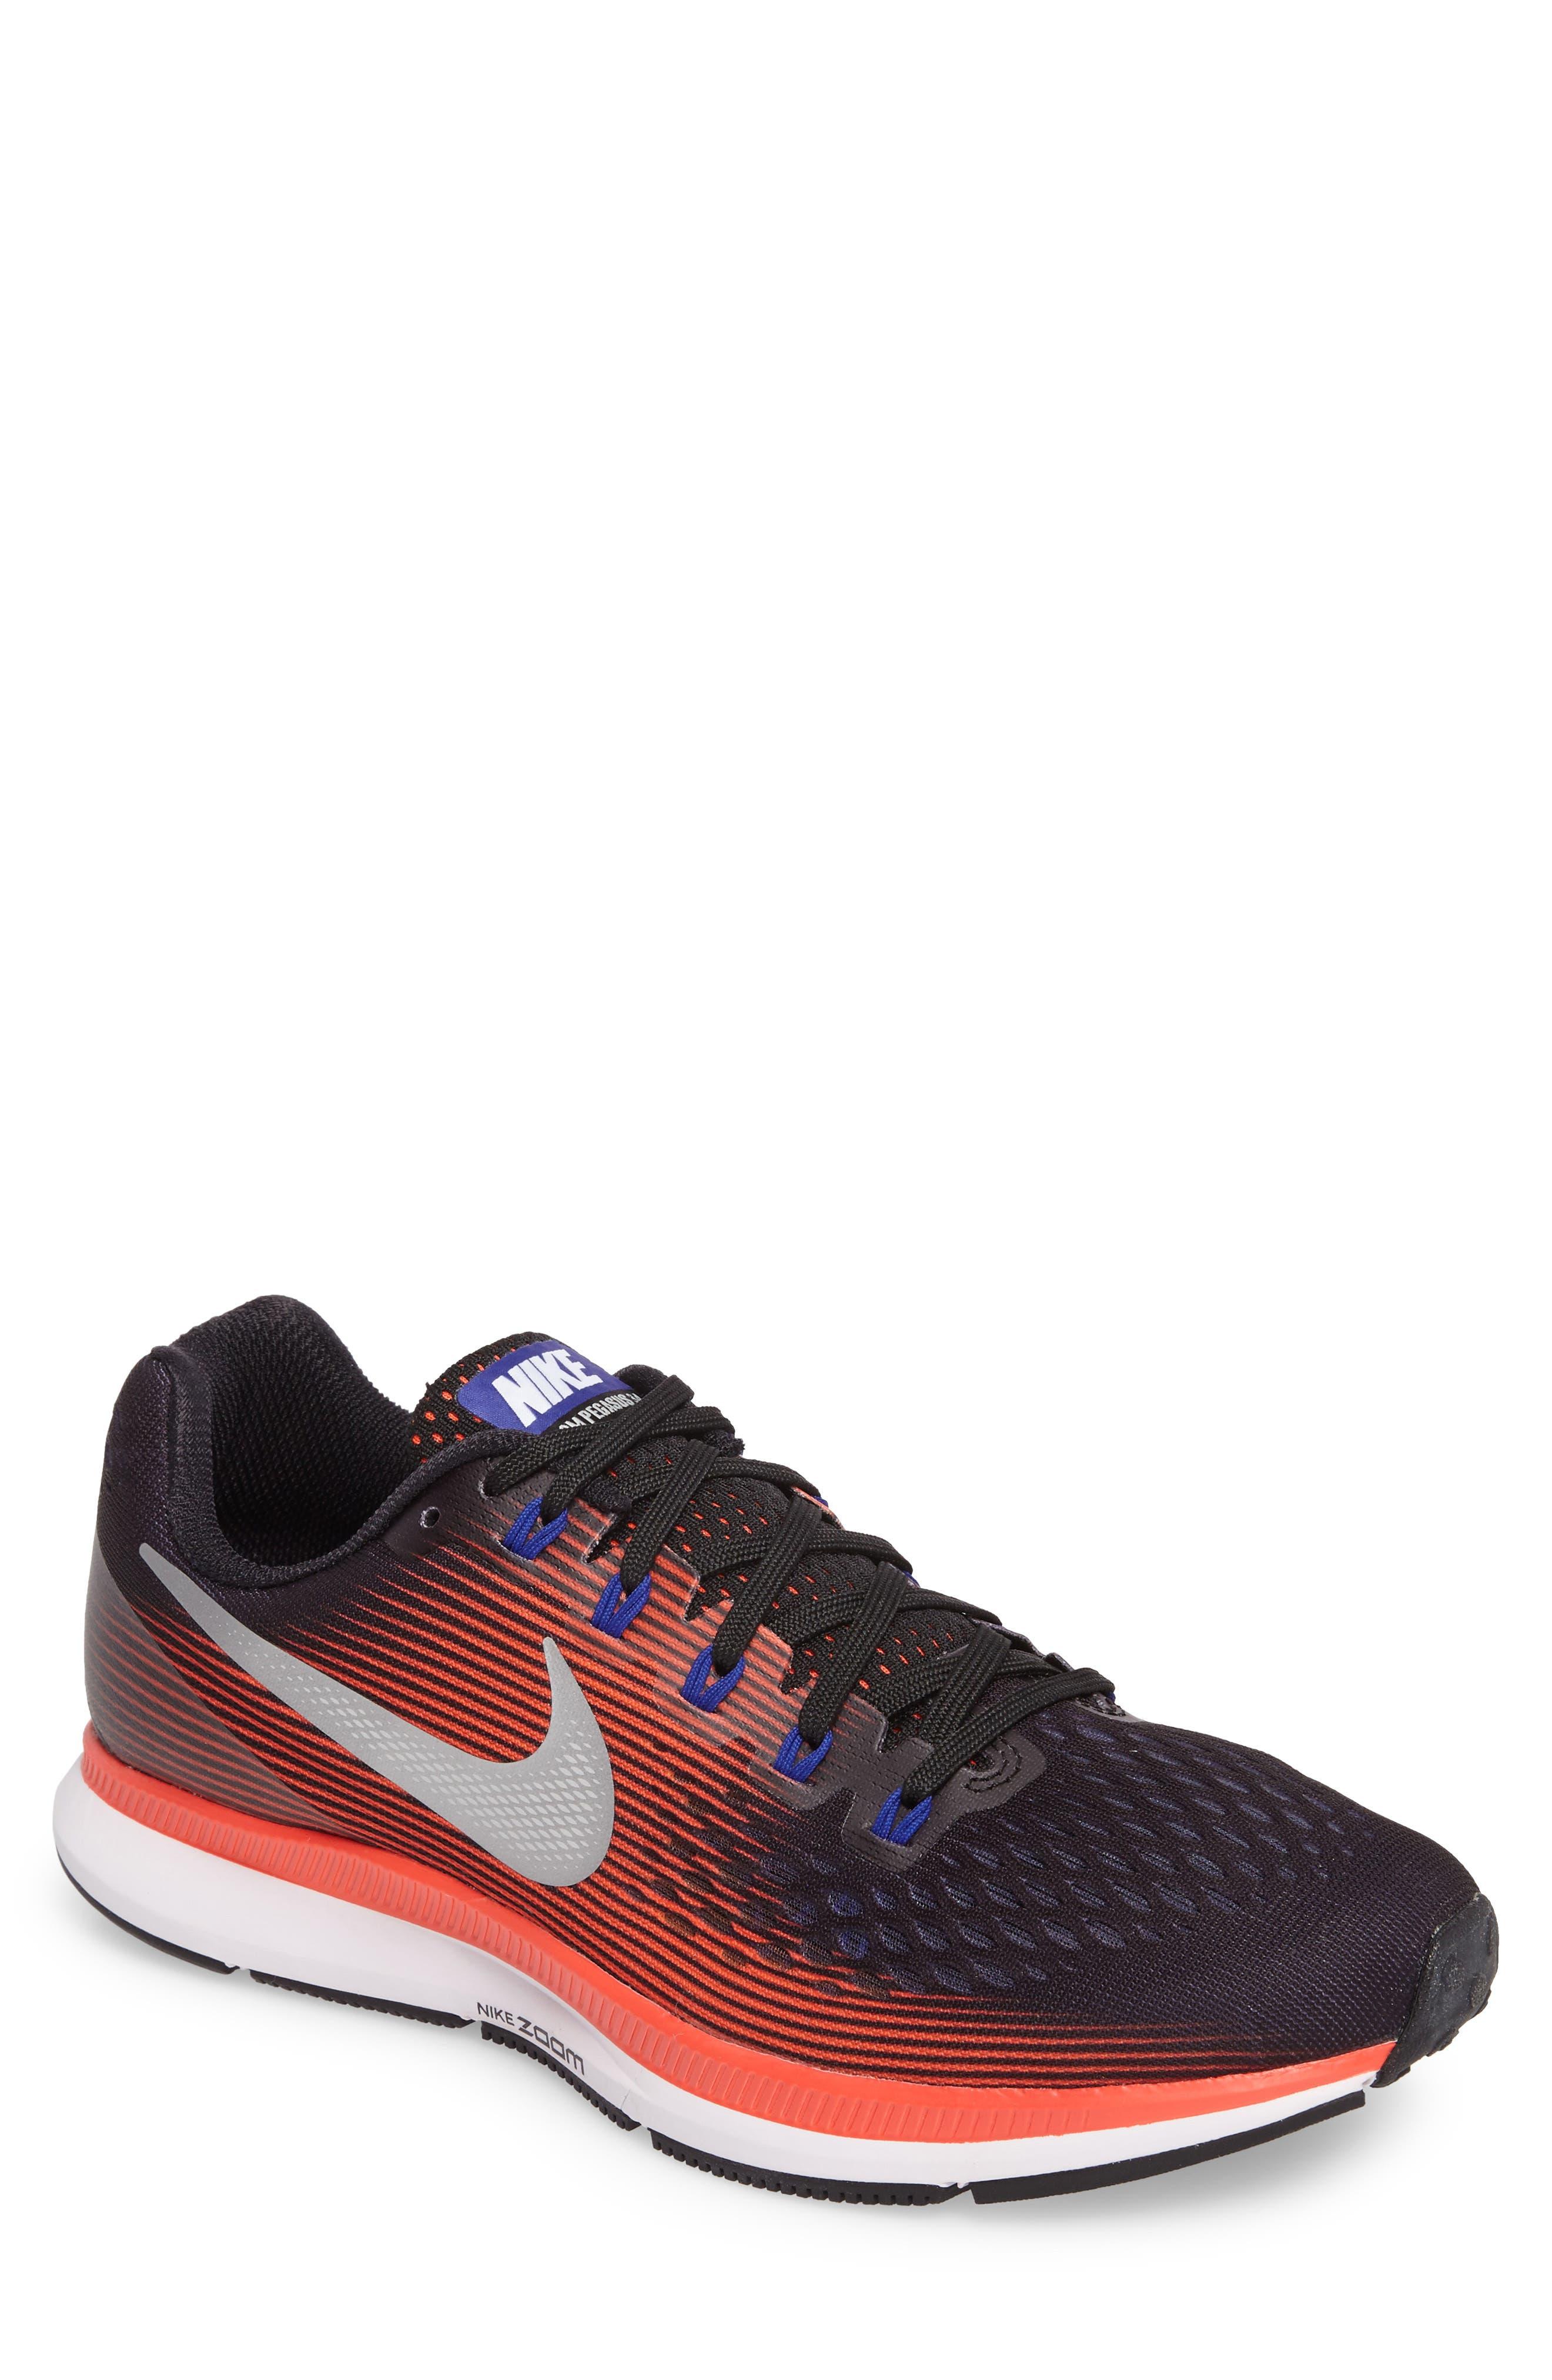 Air Zoom Pegasus 34 Sneaker,                             Main thumbnail 8, color,